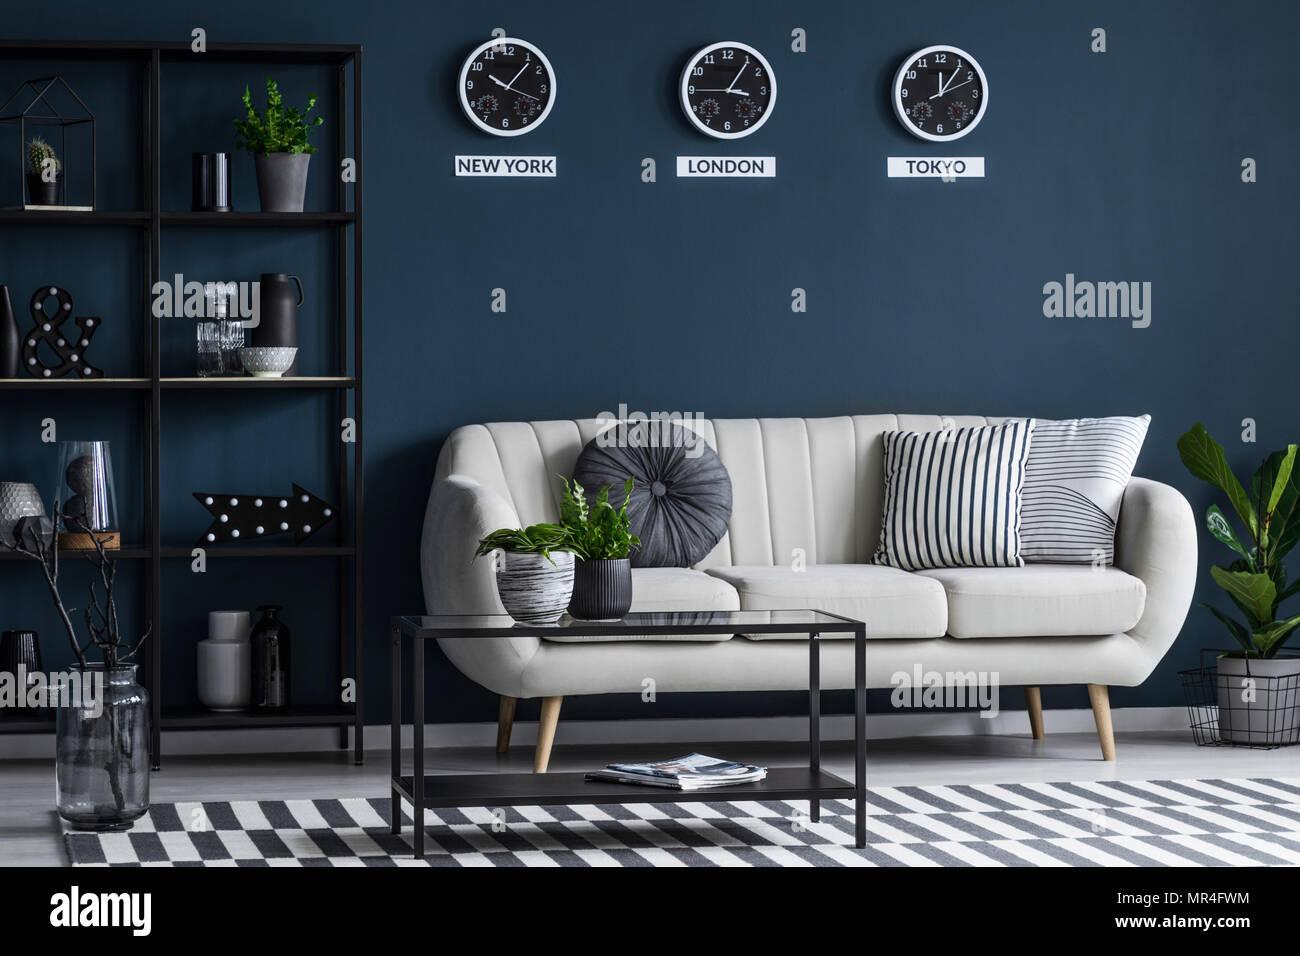 Schwarz Tisch In Der Nähe Beige Sofa Gegen Marine Blaue Wand Mit Uhren Im  Wohnzimmer Interieur Mit Anlage